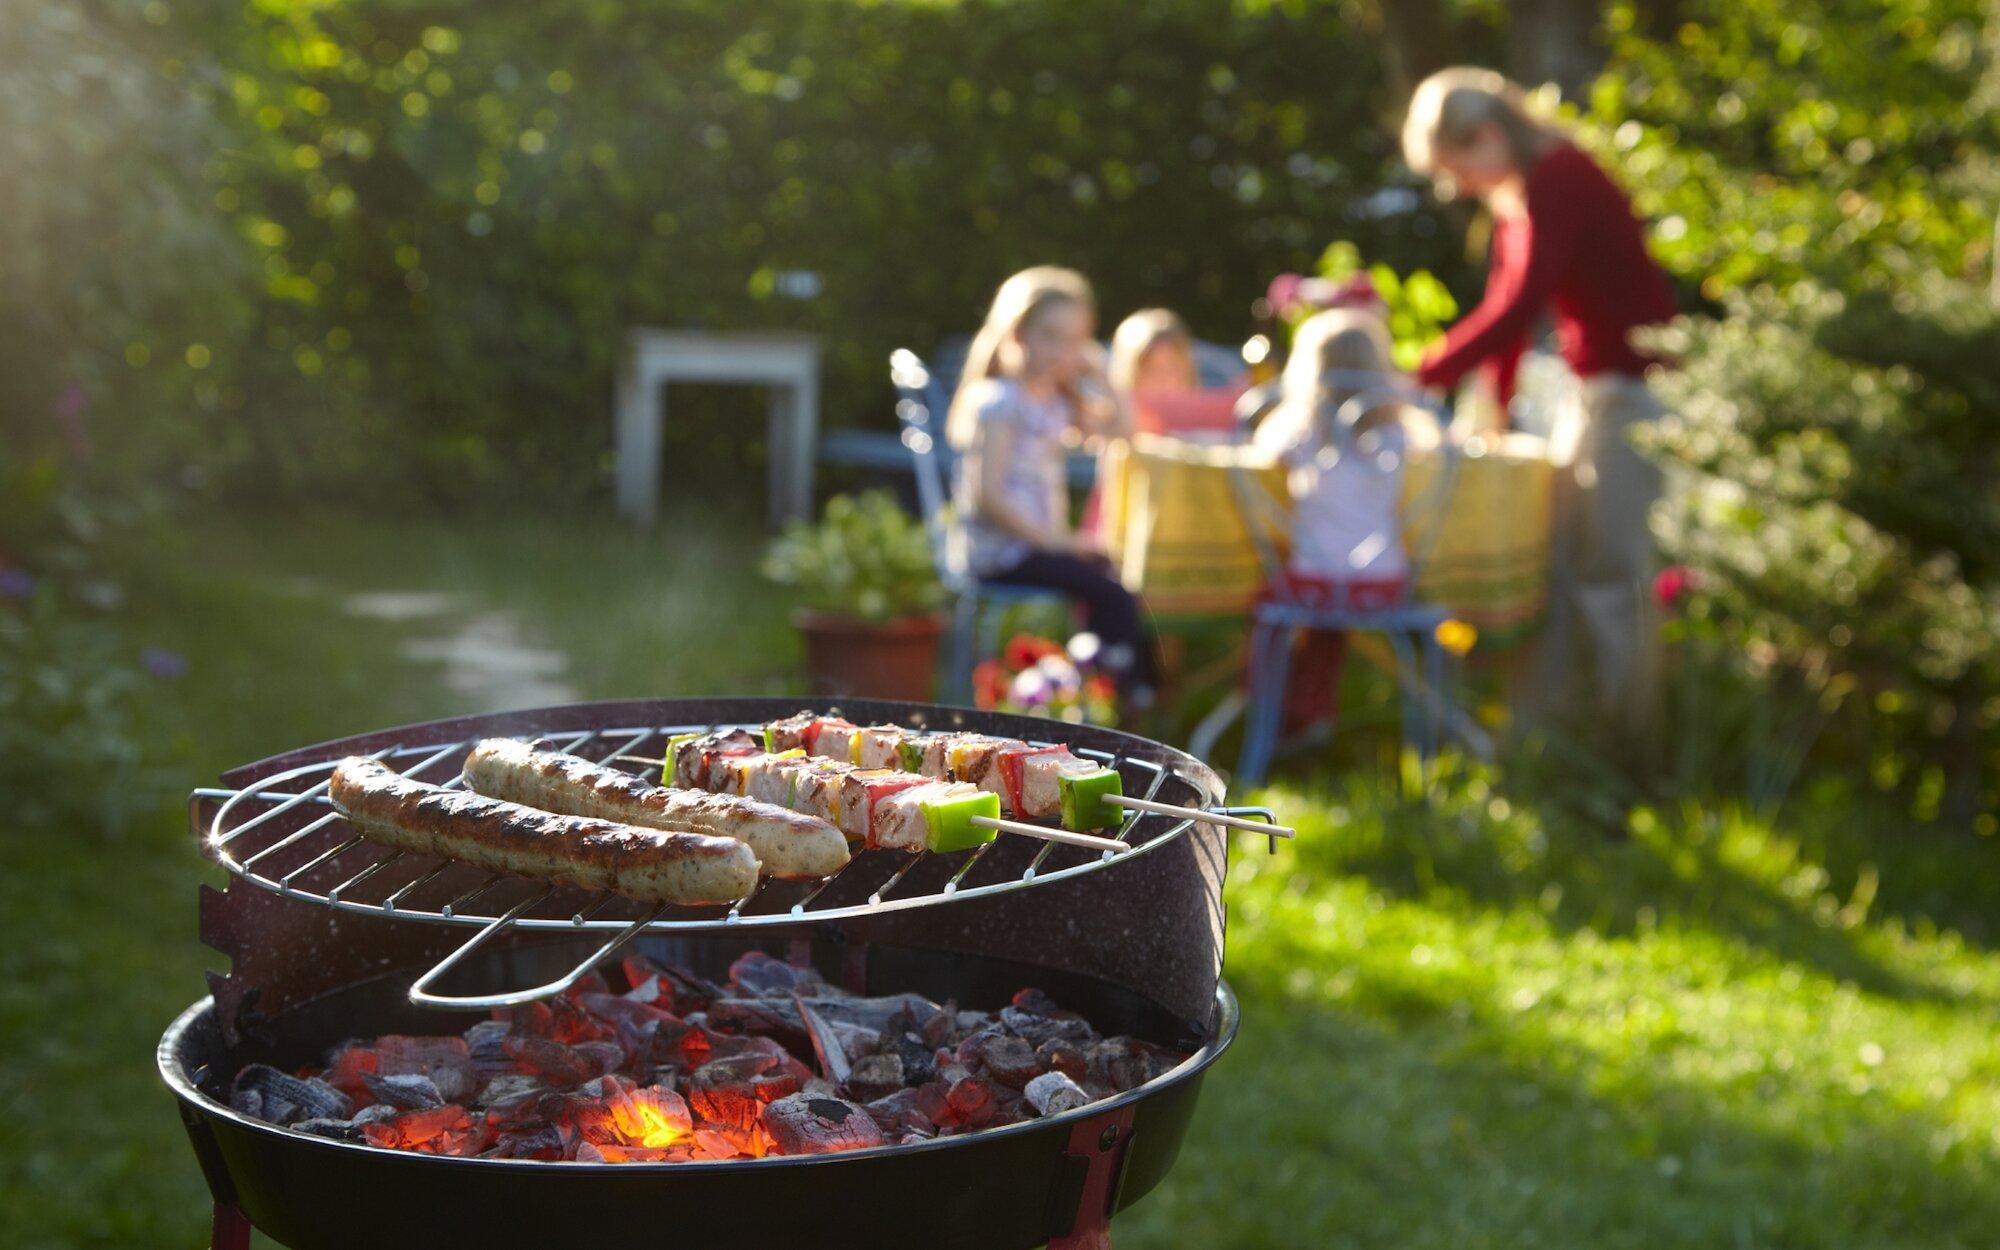 обеспечения хорошего пикник в огороде дома фото методики